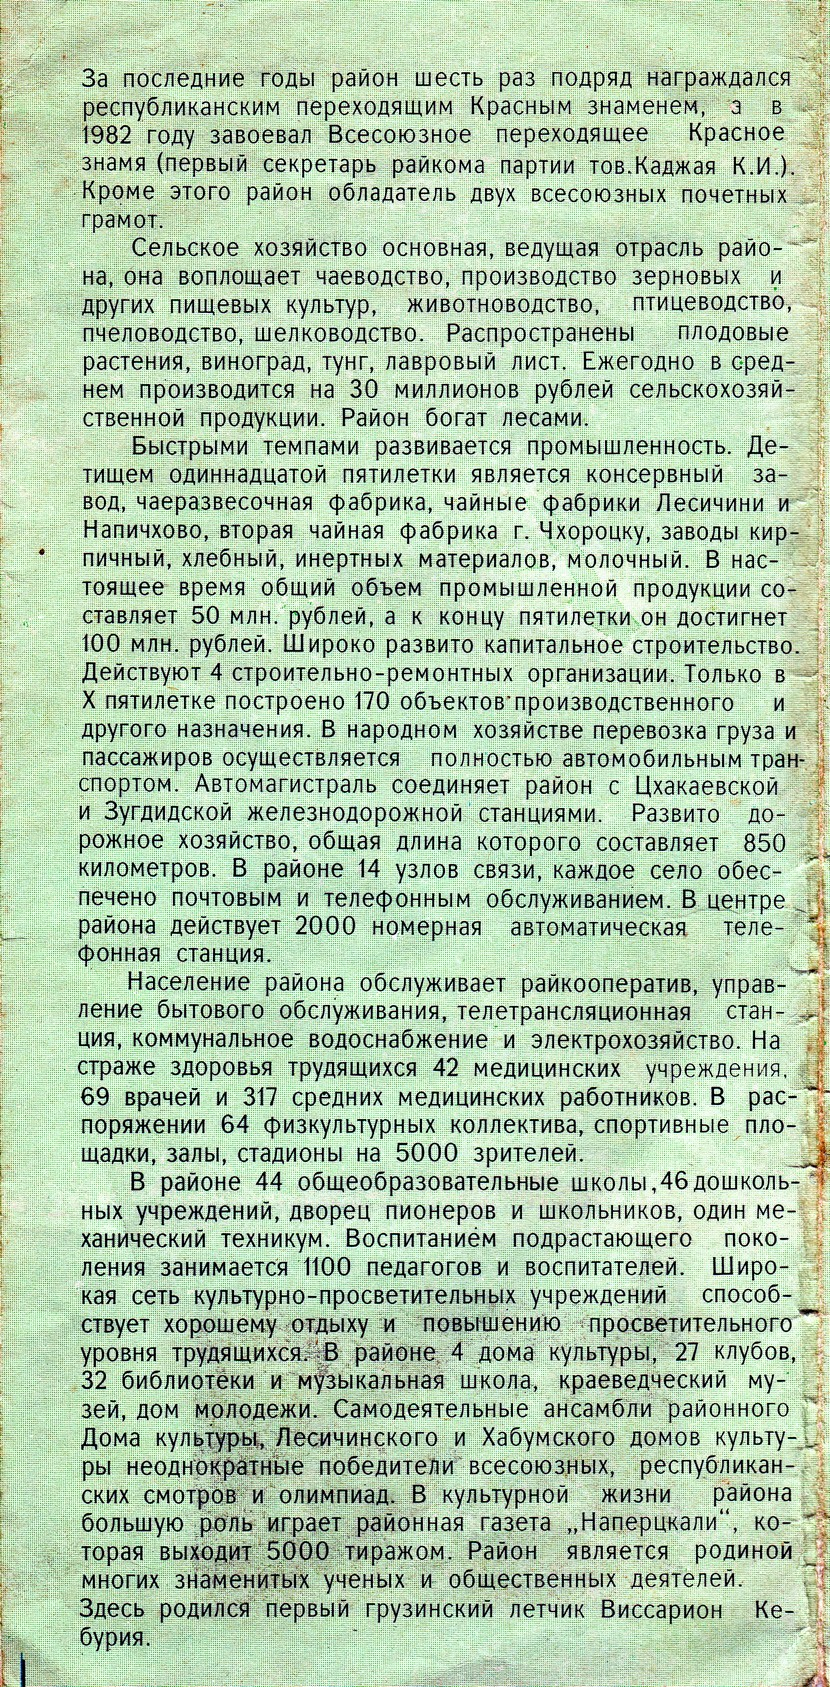 15 — Chkhorotsku,Ge